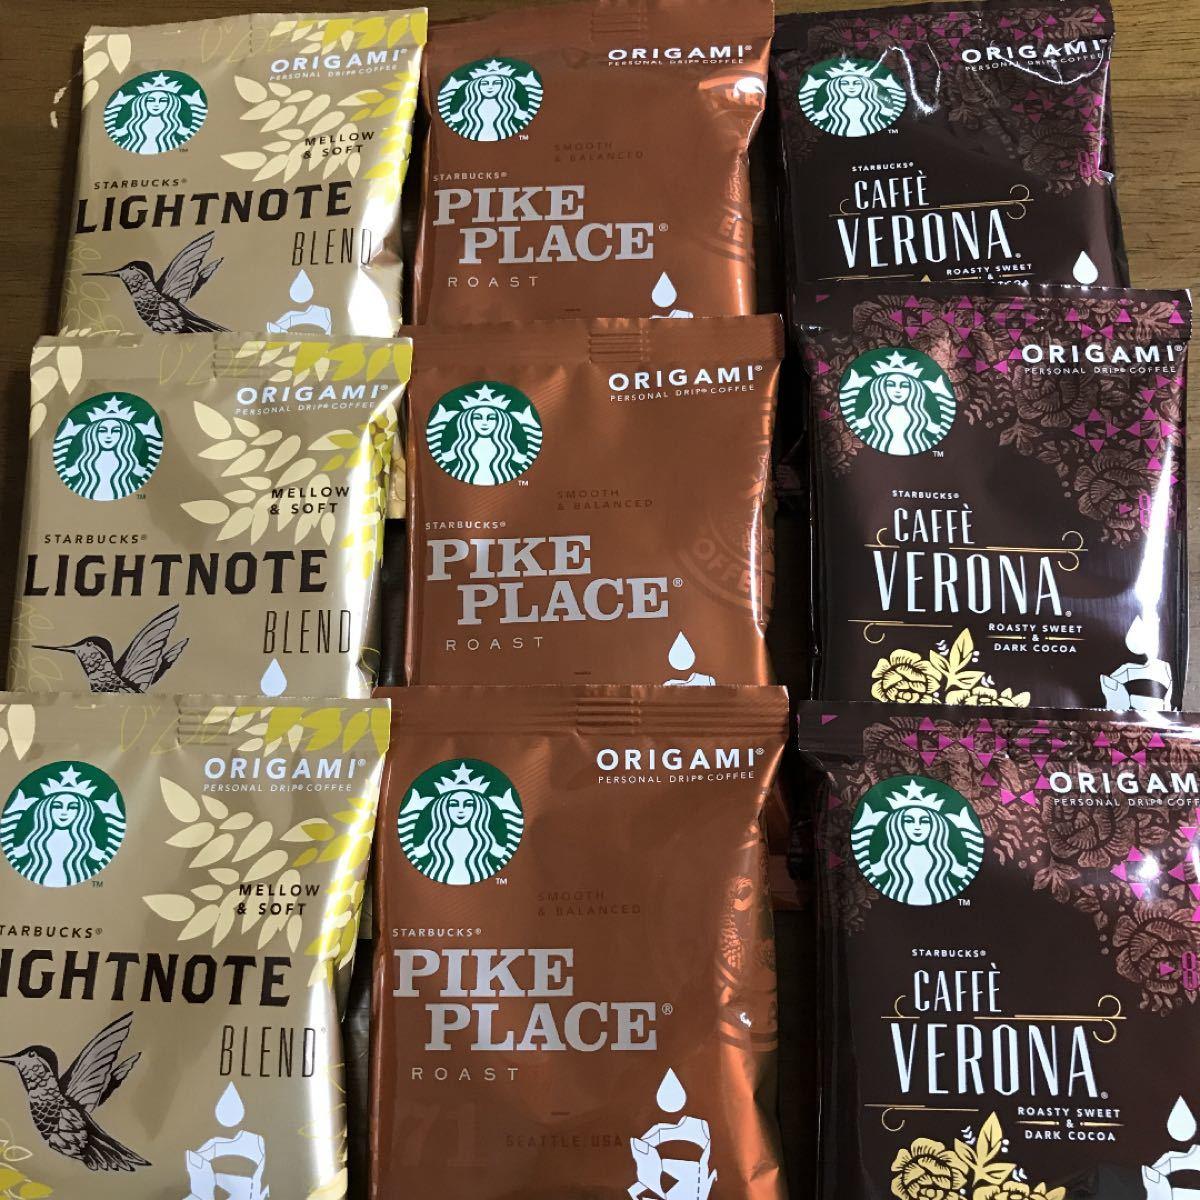 スターバックス コーヒー オリガミ ORIGAMI パイク ベロナ  ライト スタバ スターバックスオリガミ